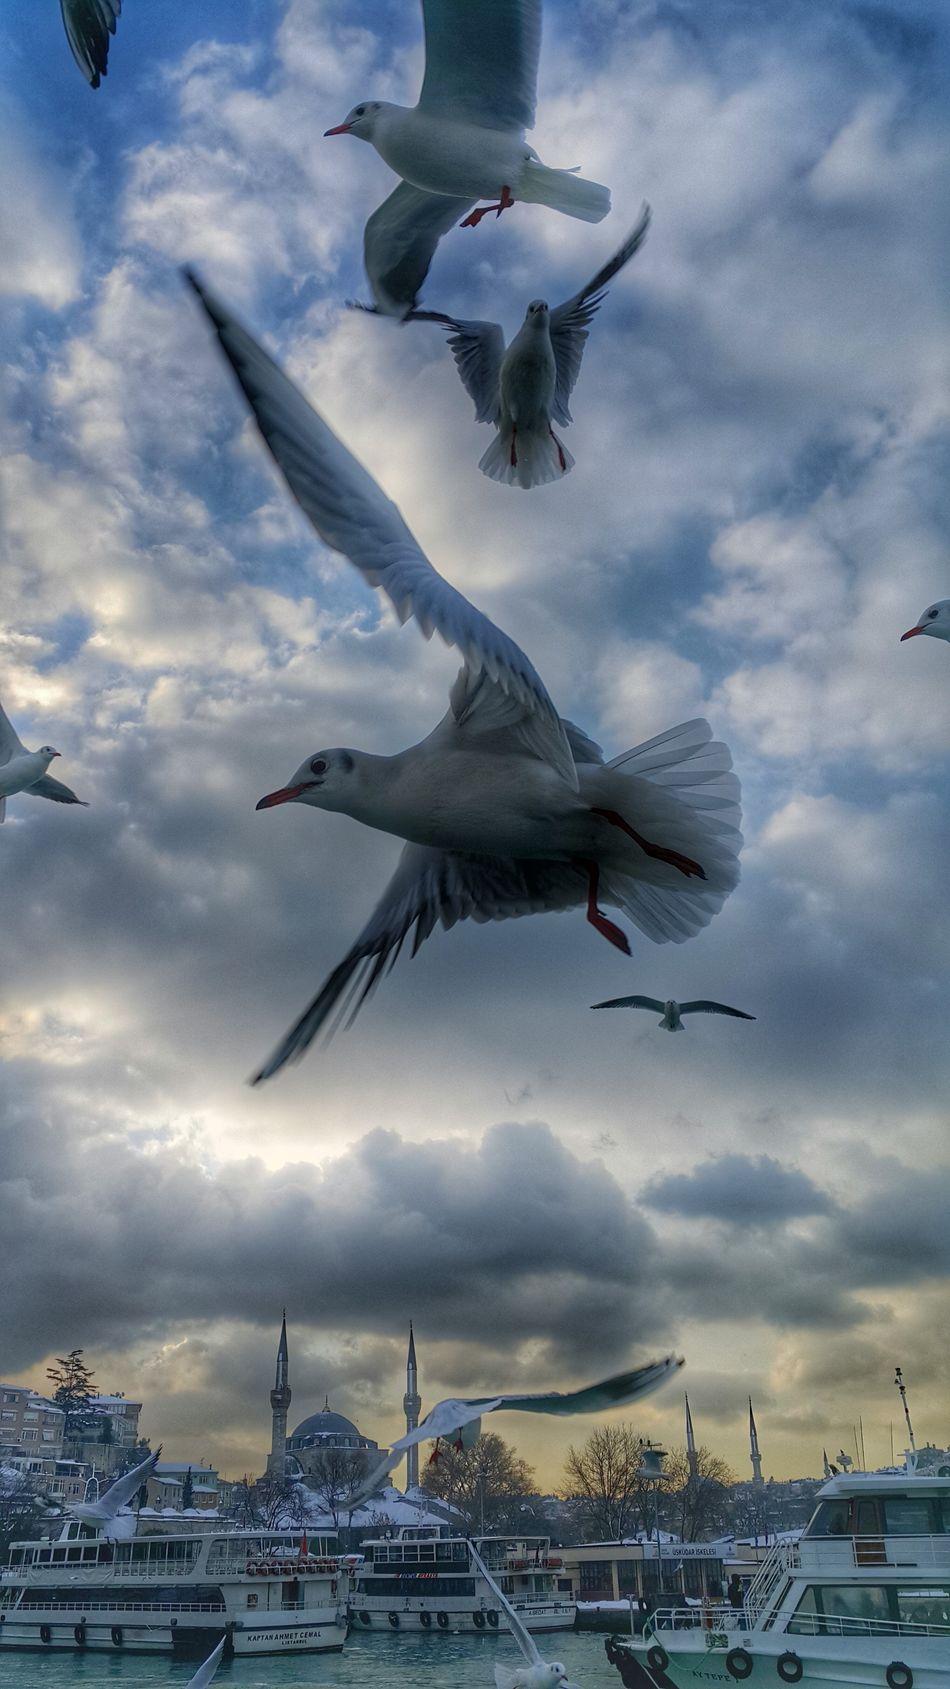 ıstanbula Kar Nede Güzel Yakisti Aniyakala Insan Zamani Durdurmak Istedigi Yere Aittir Objektifimden Istanbuldayasam EyeEm GalleryEyeEm Best Shots DramaticClouds Seabirds Flaying Fotografduragim Bosphorus Cityphotography EyeEmBestPics Fotografaski Kadrajimdan